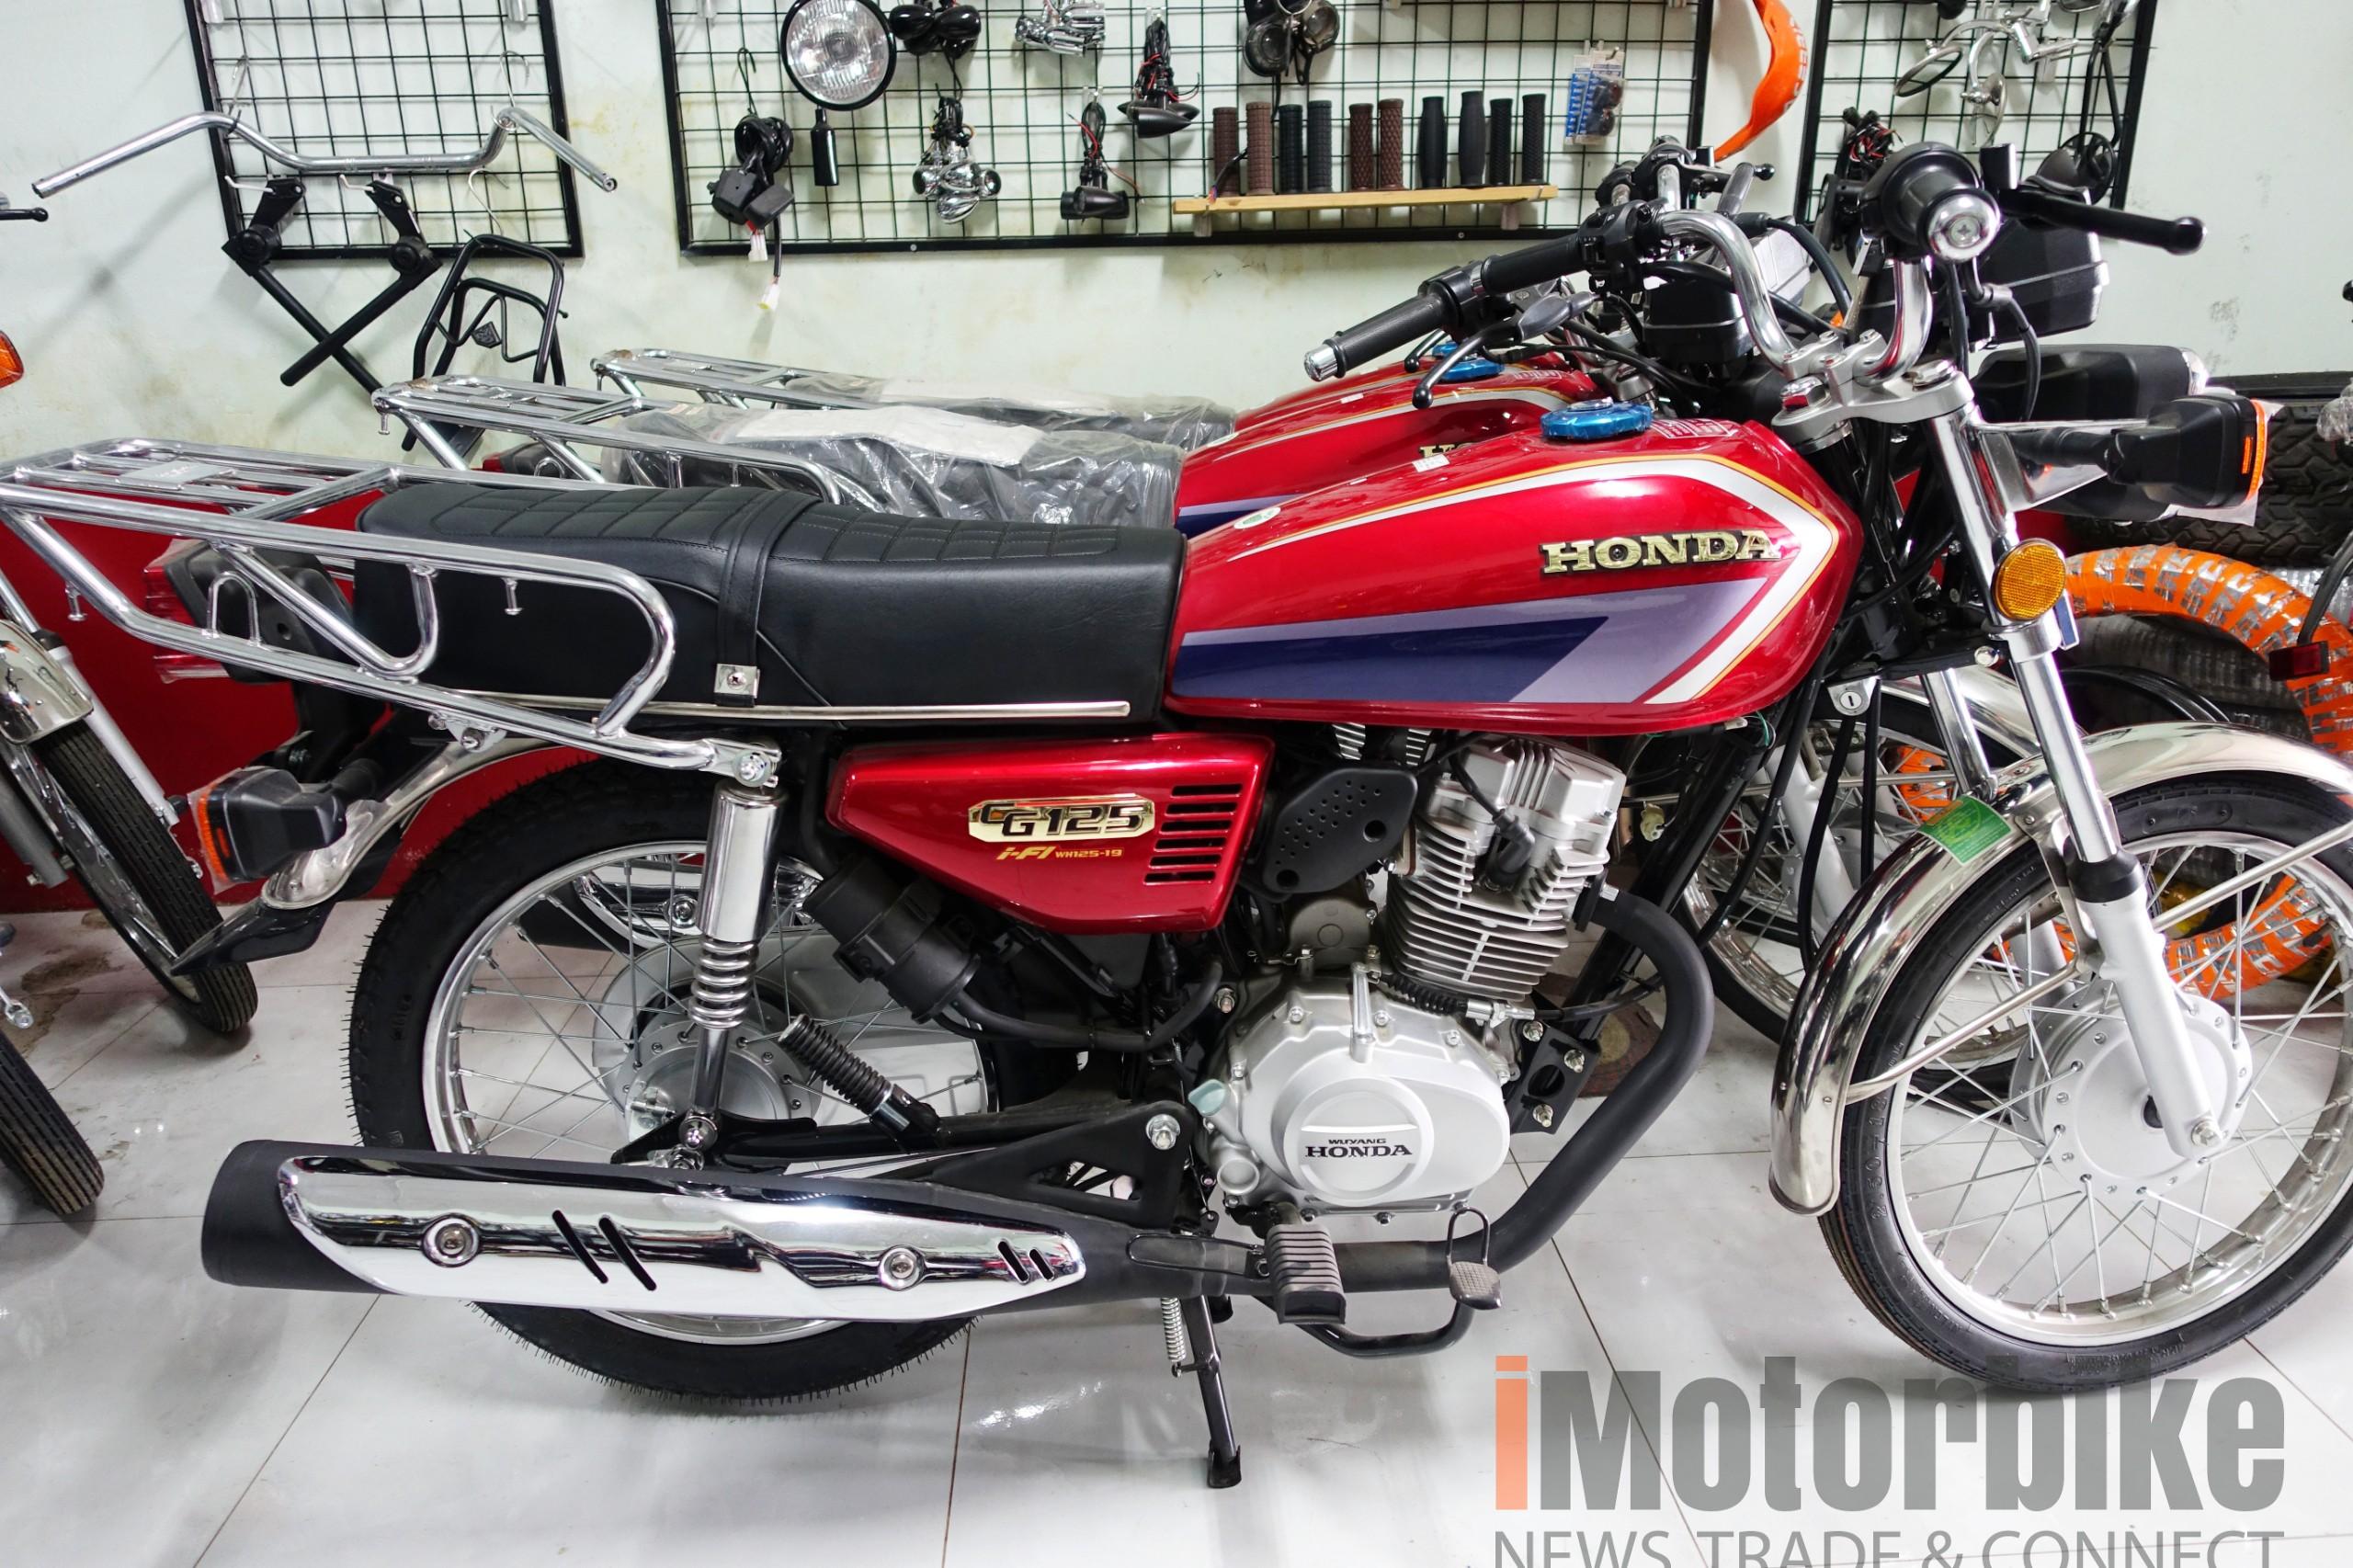 Cùng ngắm Honda CG125 i-FI 2020 tuyệt đẹp vừa về Việt Nam